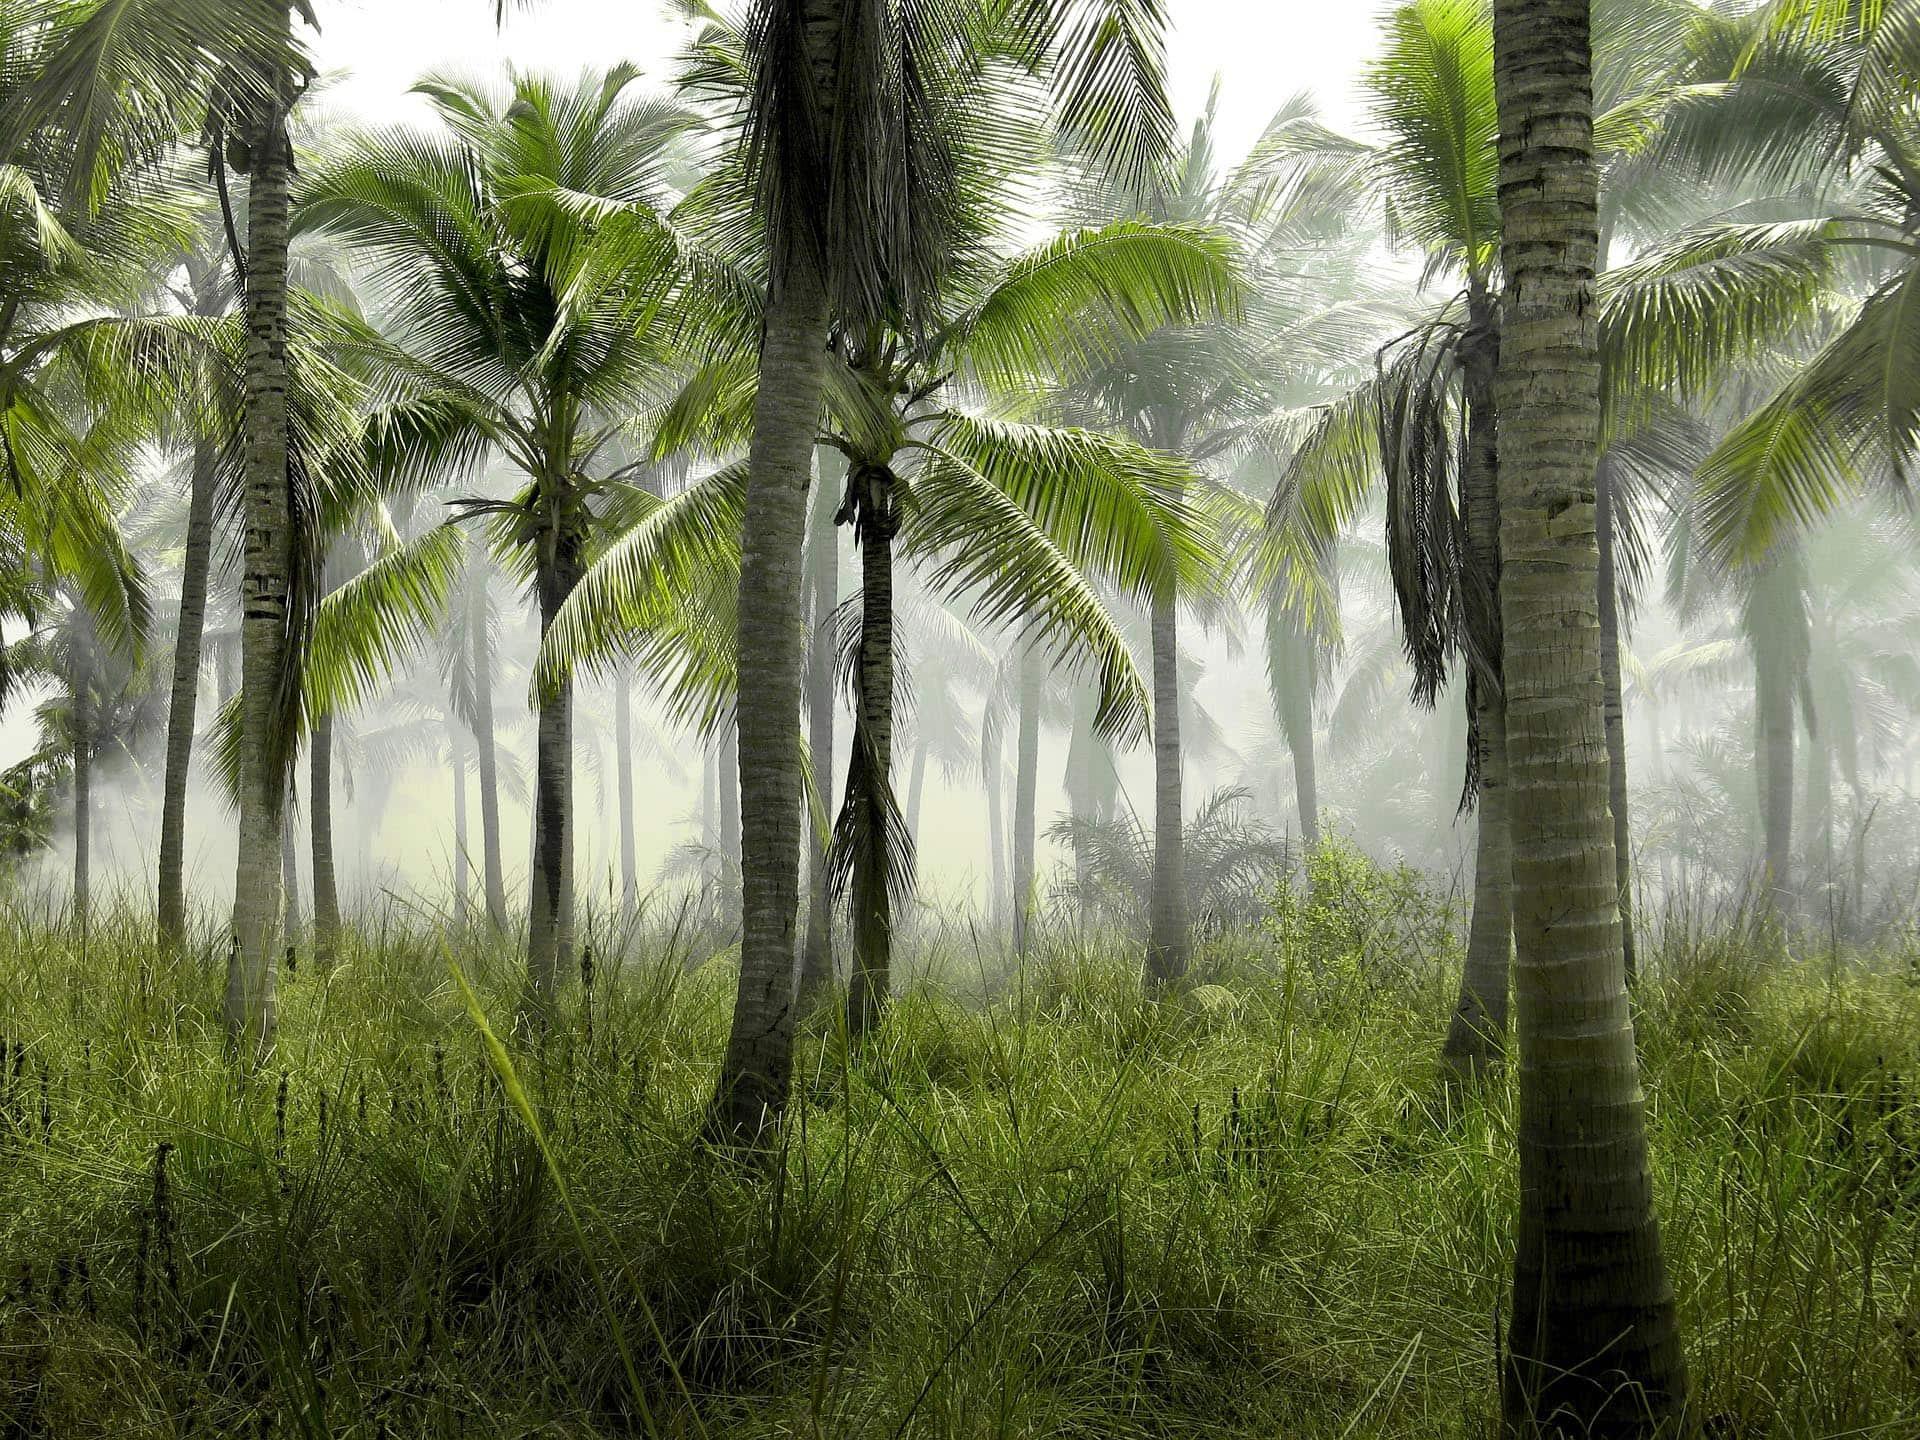 """200 Jahre nach Brasilien-Expedition Tagung über """"Naturverständisse"""" am 14. und 15.2."""